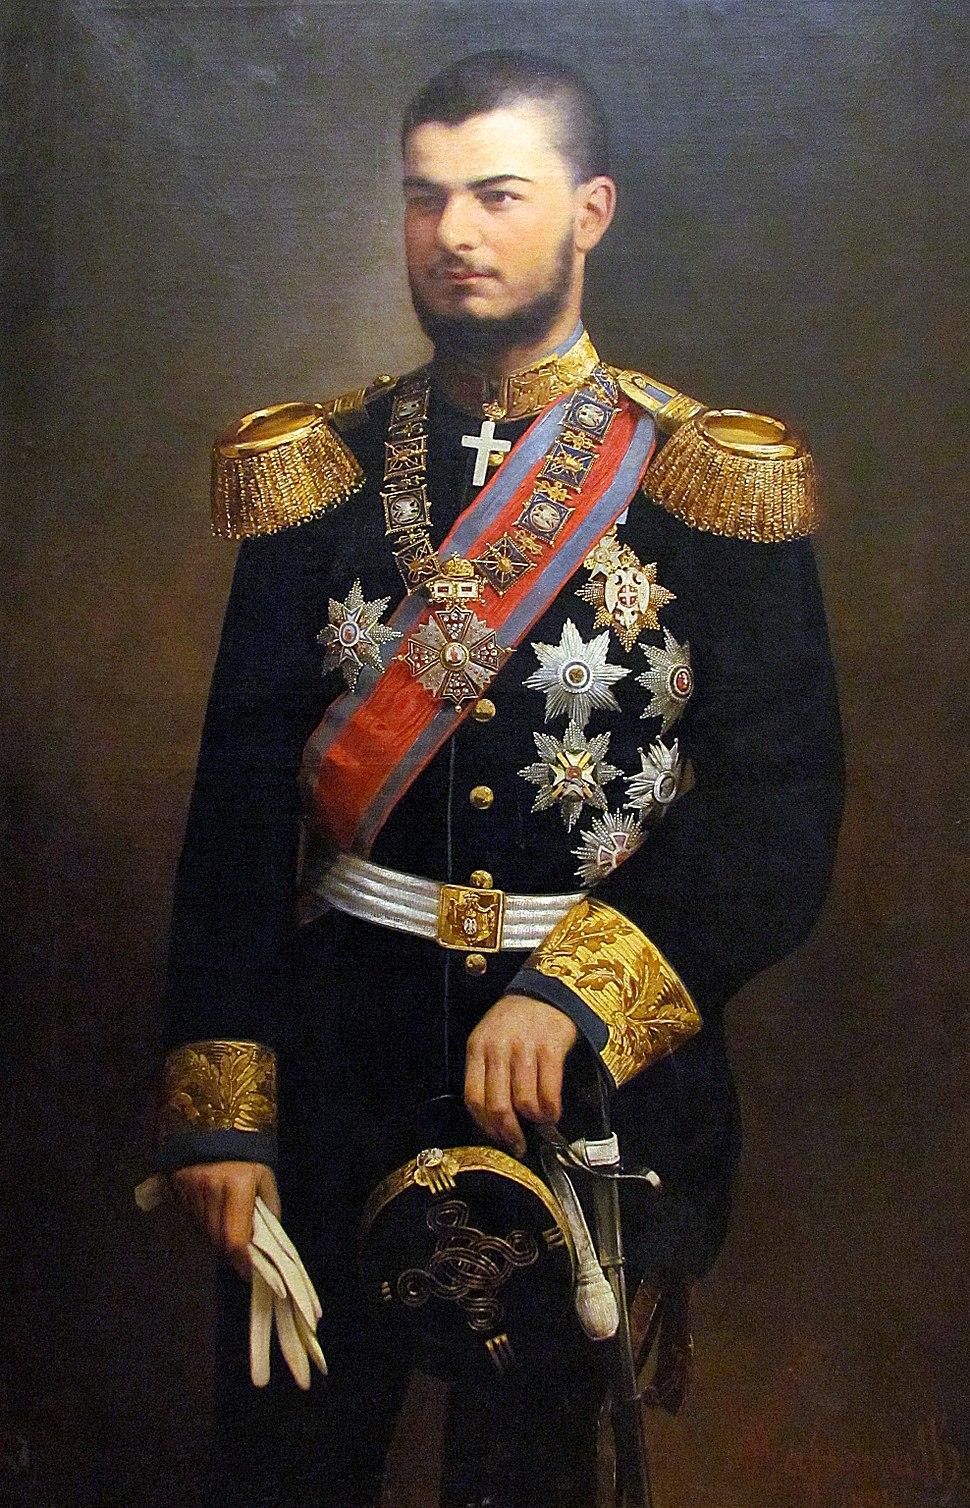 Aleksandar ob heinrich wassmuth 1894